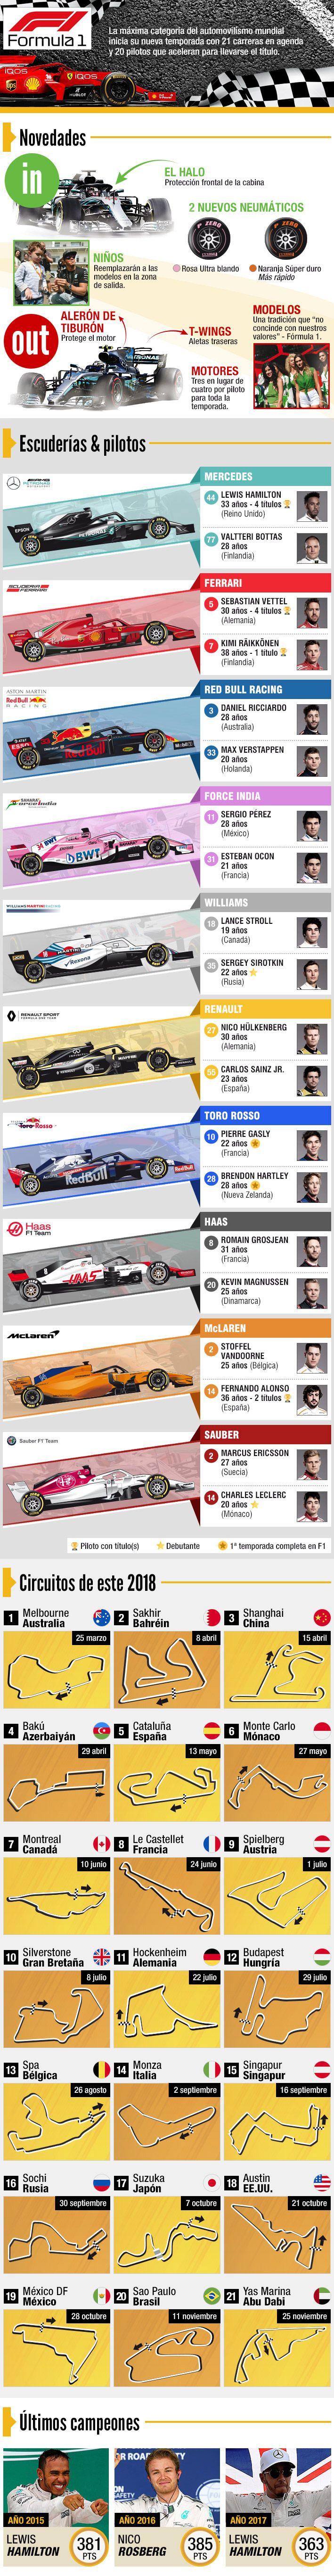 Guía de la Fórmula Uno: Las escuderías, pilotos, circuitos y novedades que trae la nueva temporada   Emol.com